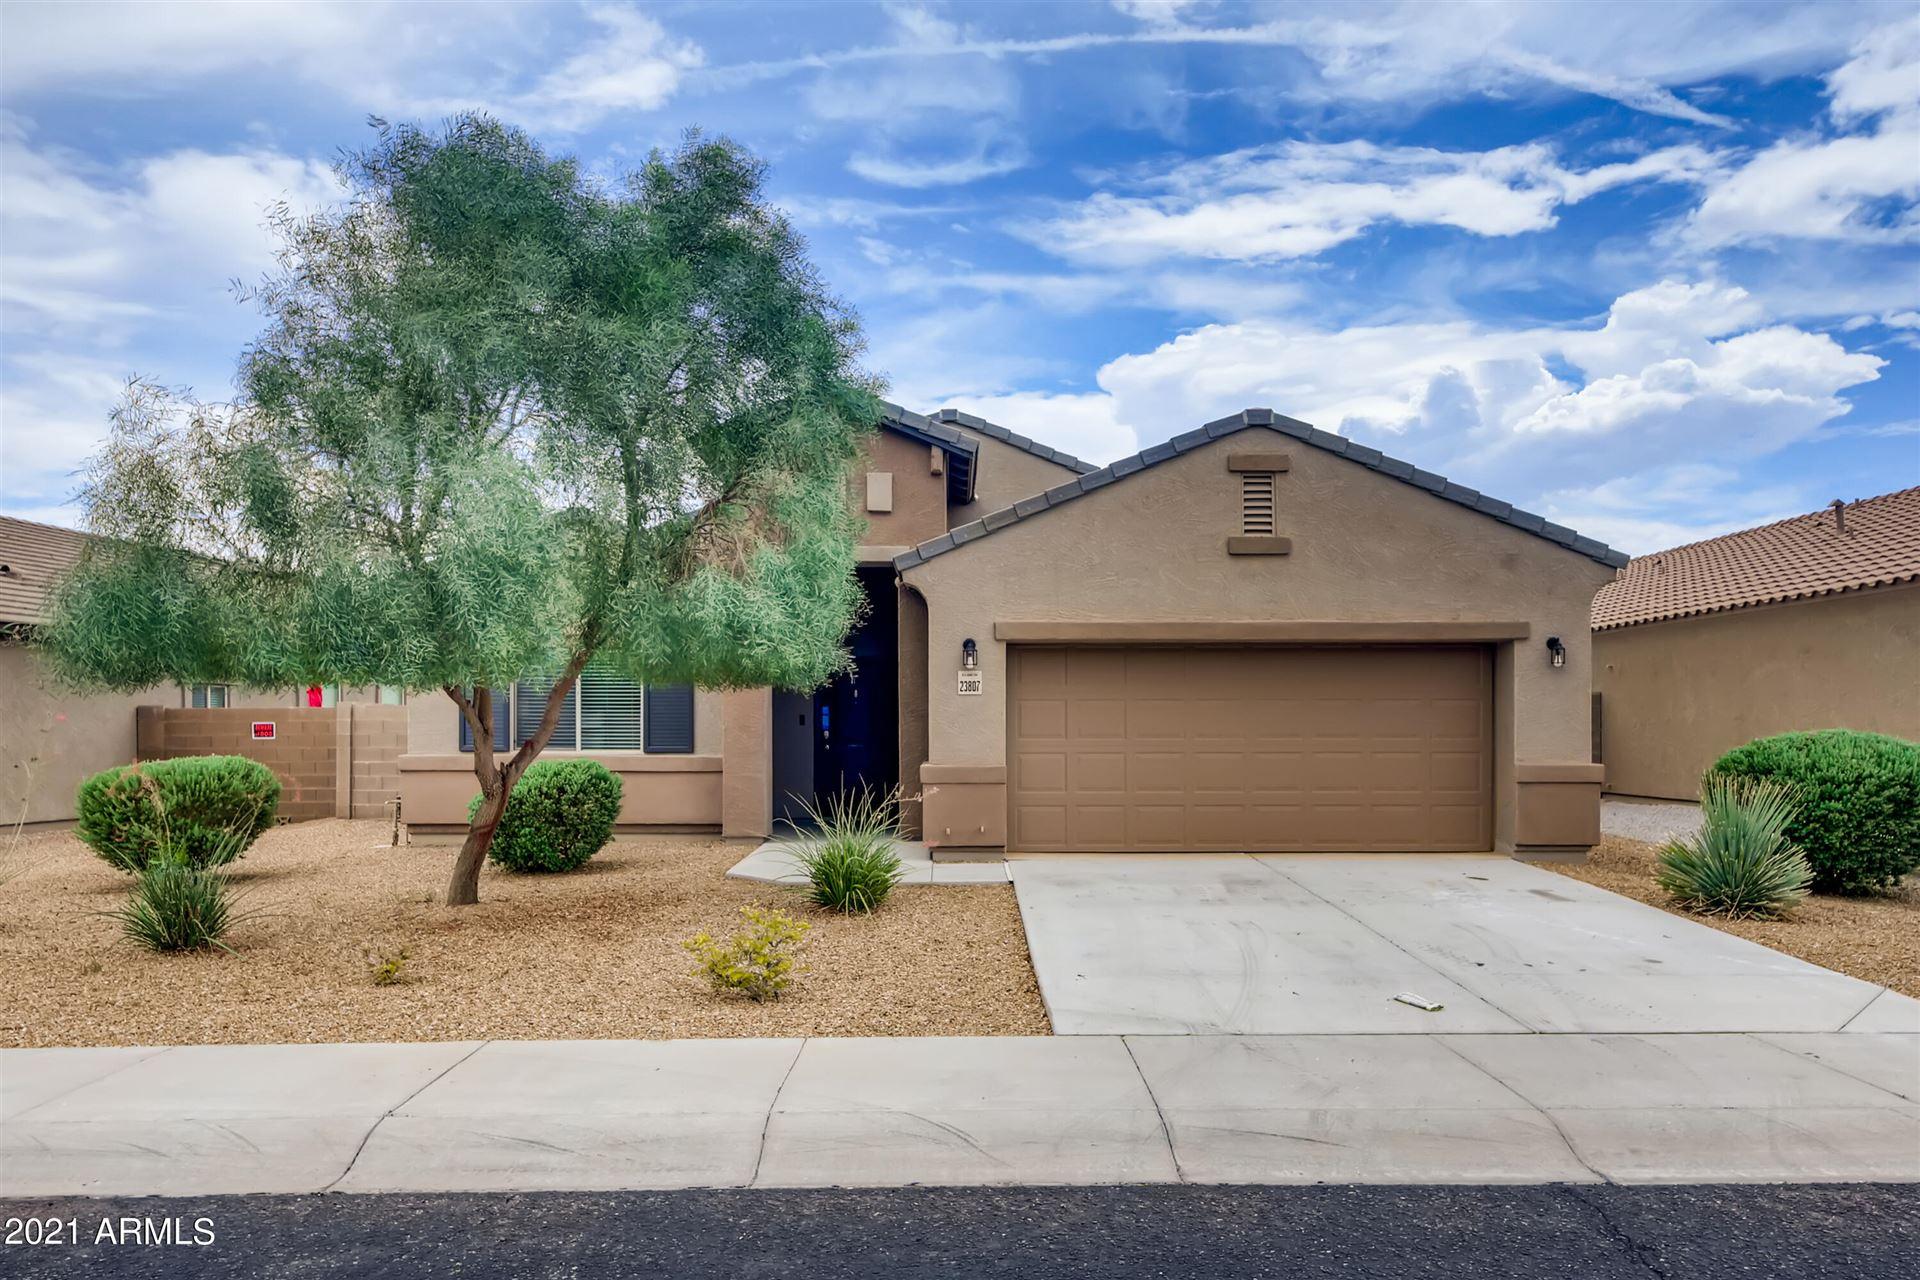 23807 W CHIPMAN Road, Buckeye, AZ 85326 - MLS#: 6270363